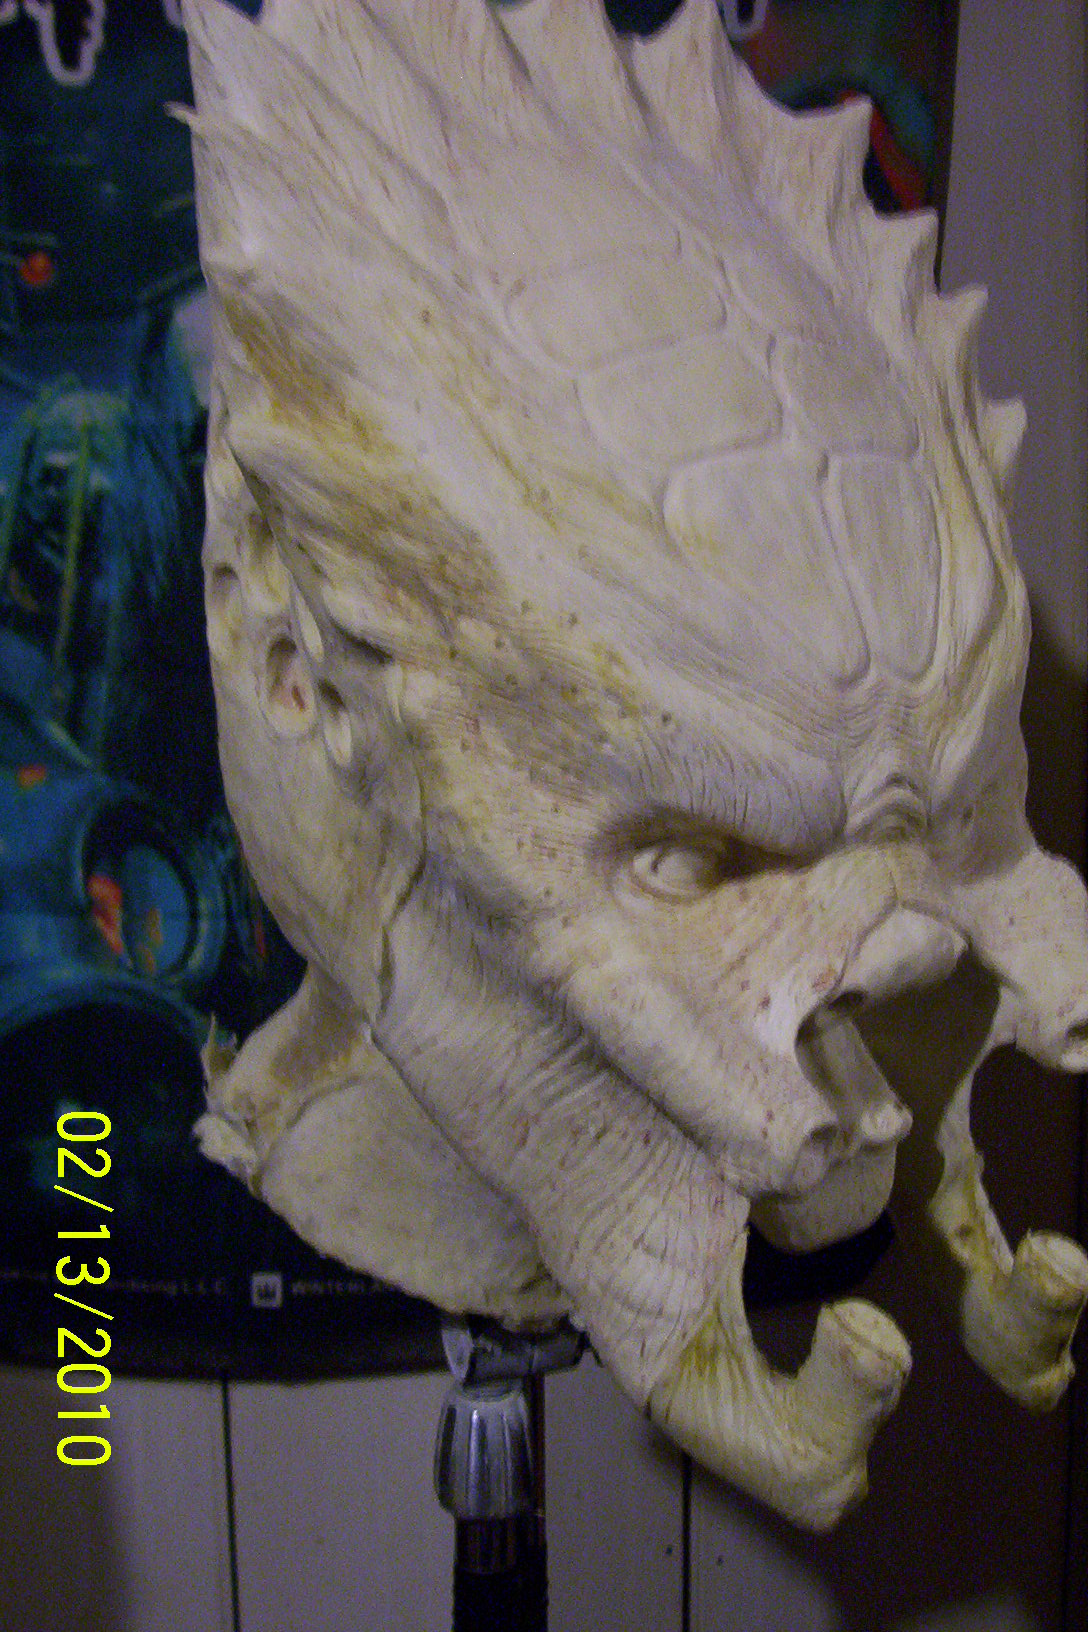 skulls_on_sticks_063.jpg